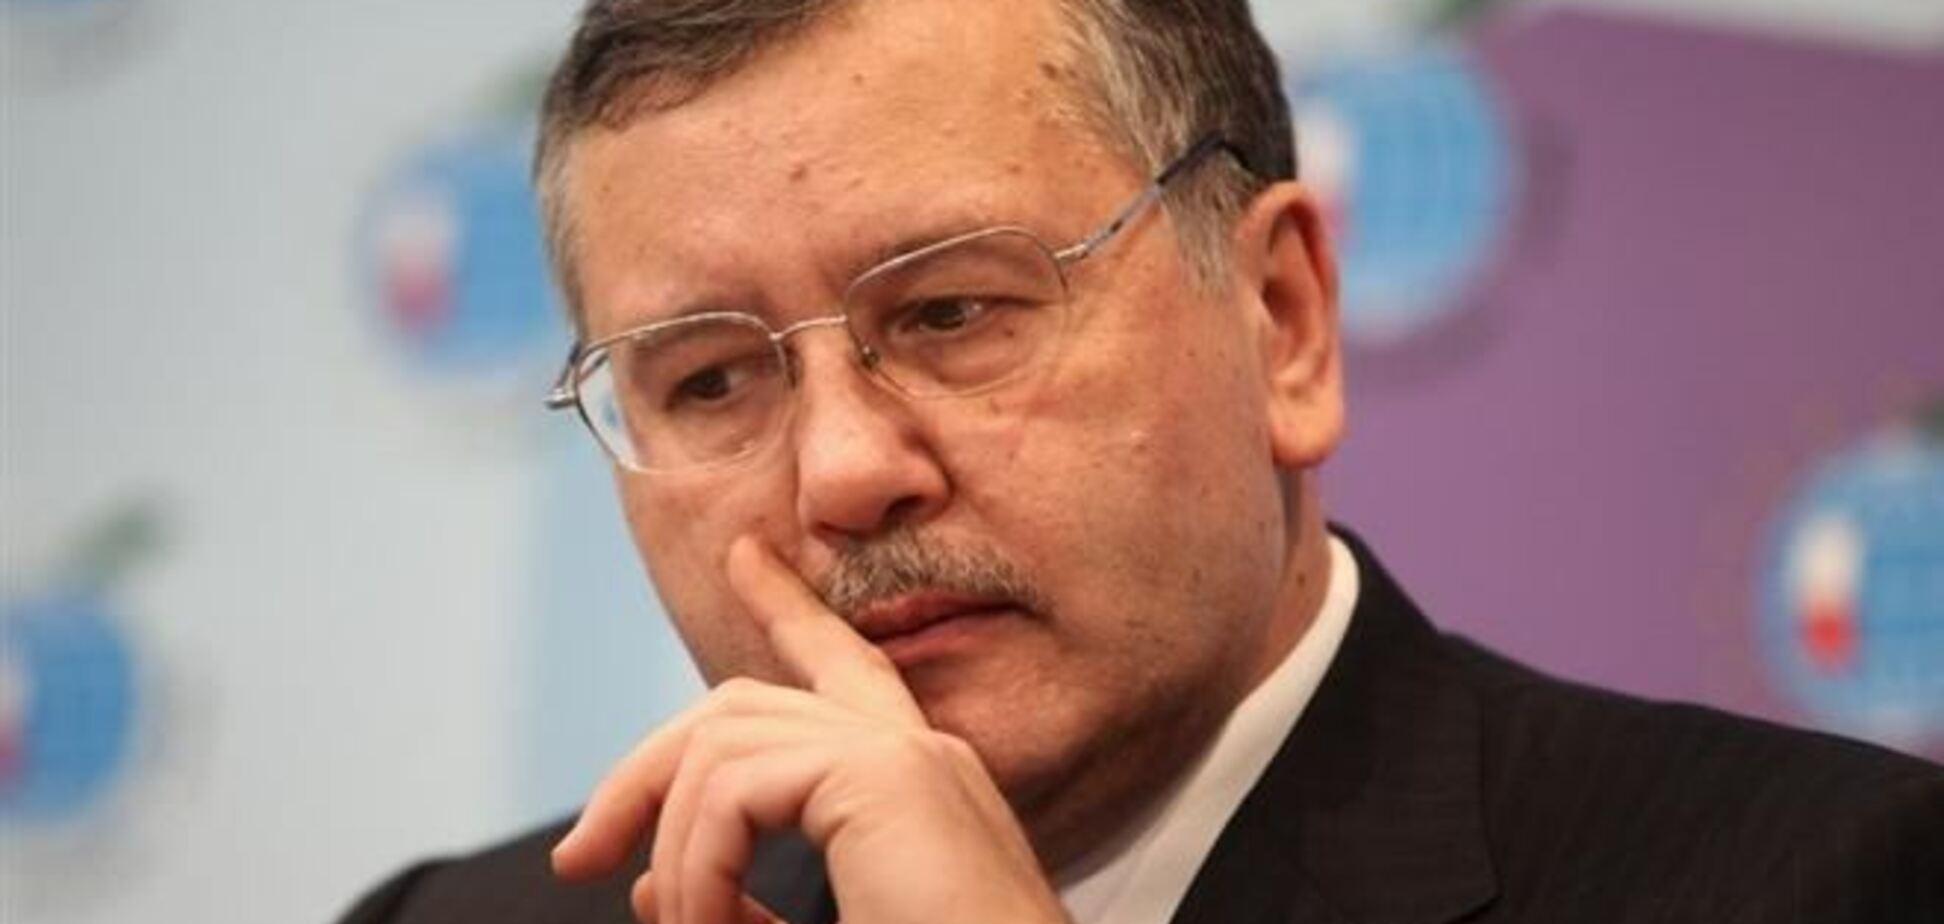 Гриценко: с таким бюджетом армии мы сразу сдаем Путину юго-восток вместе с Киевом